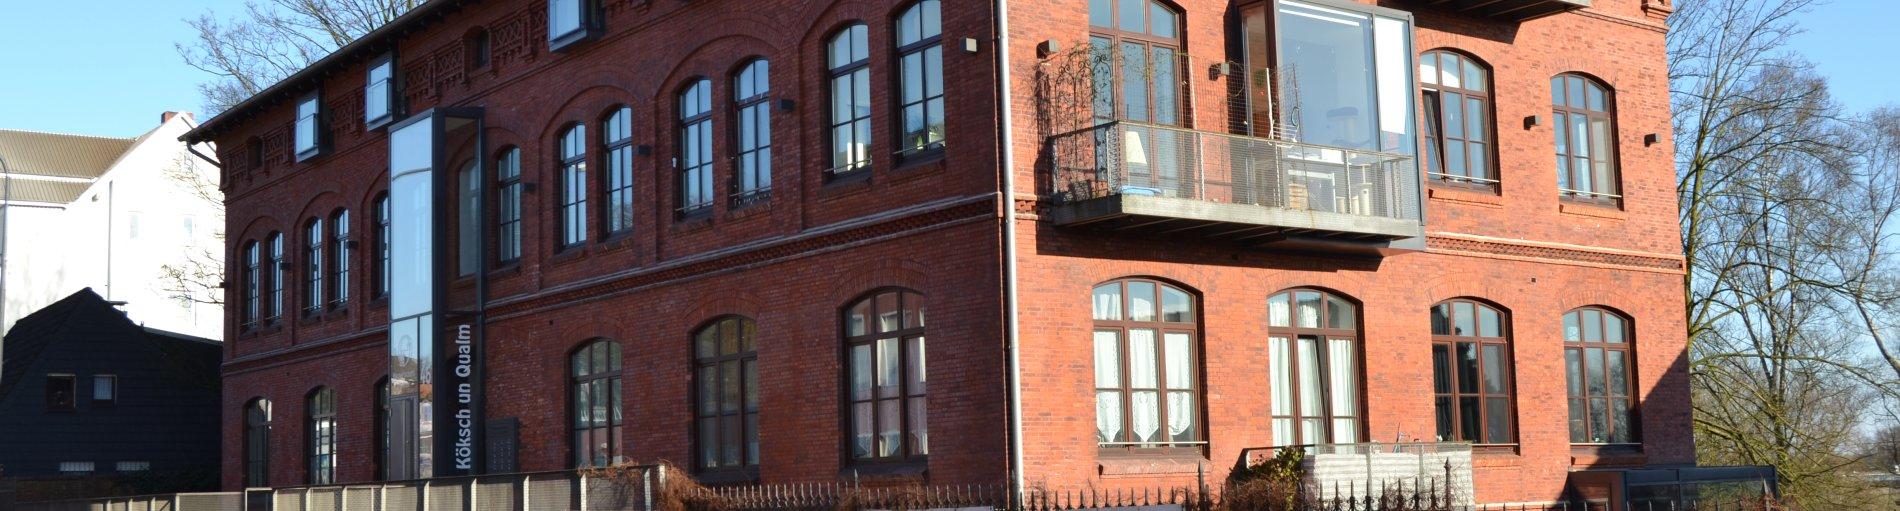 Eine Außenaufnahme des Backsteingebäudes von Köksch un Qualm